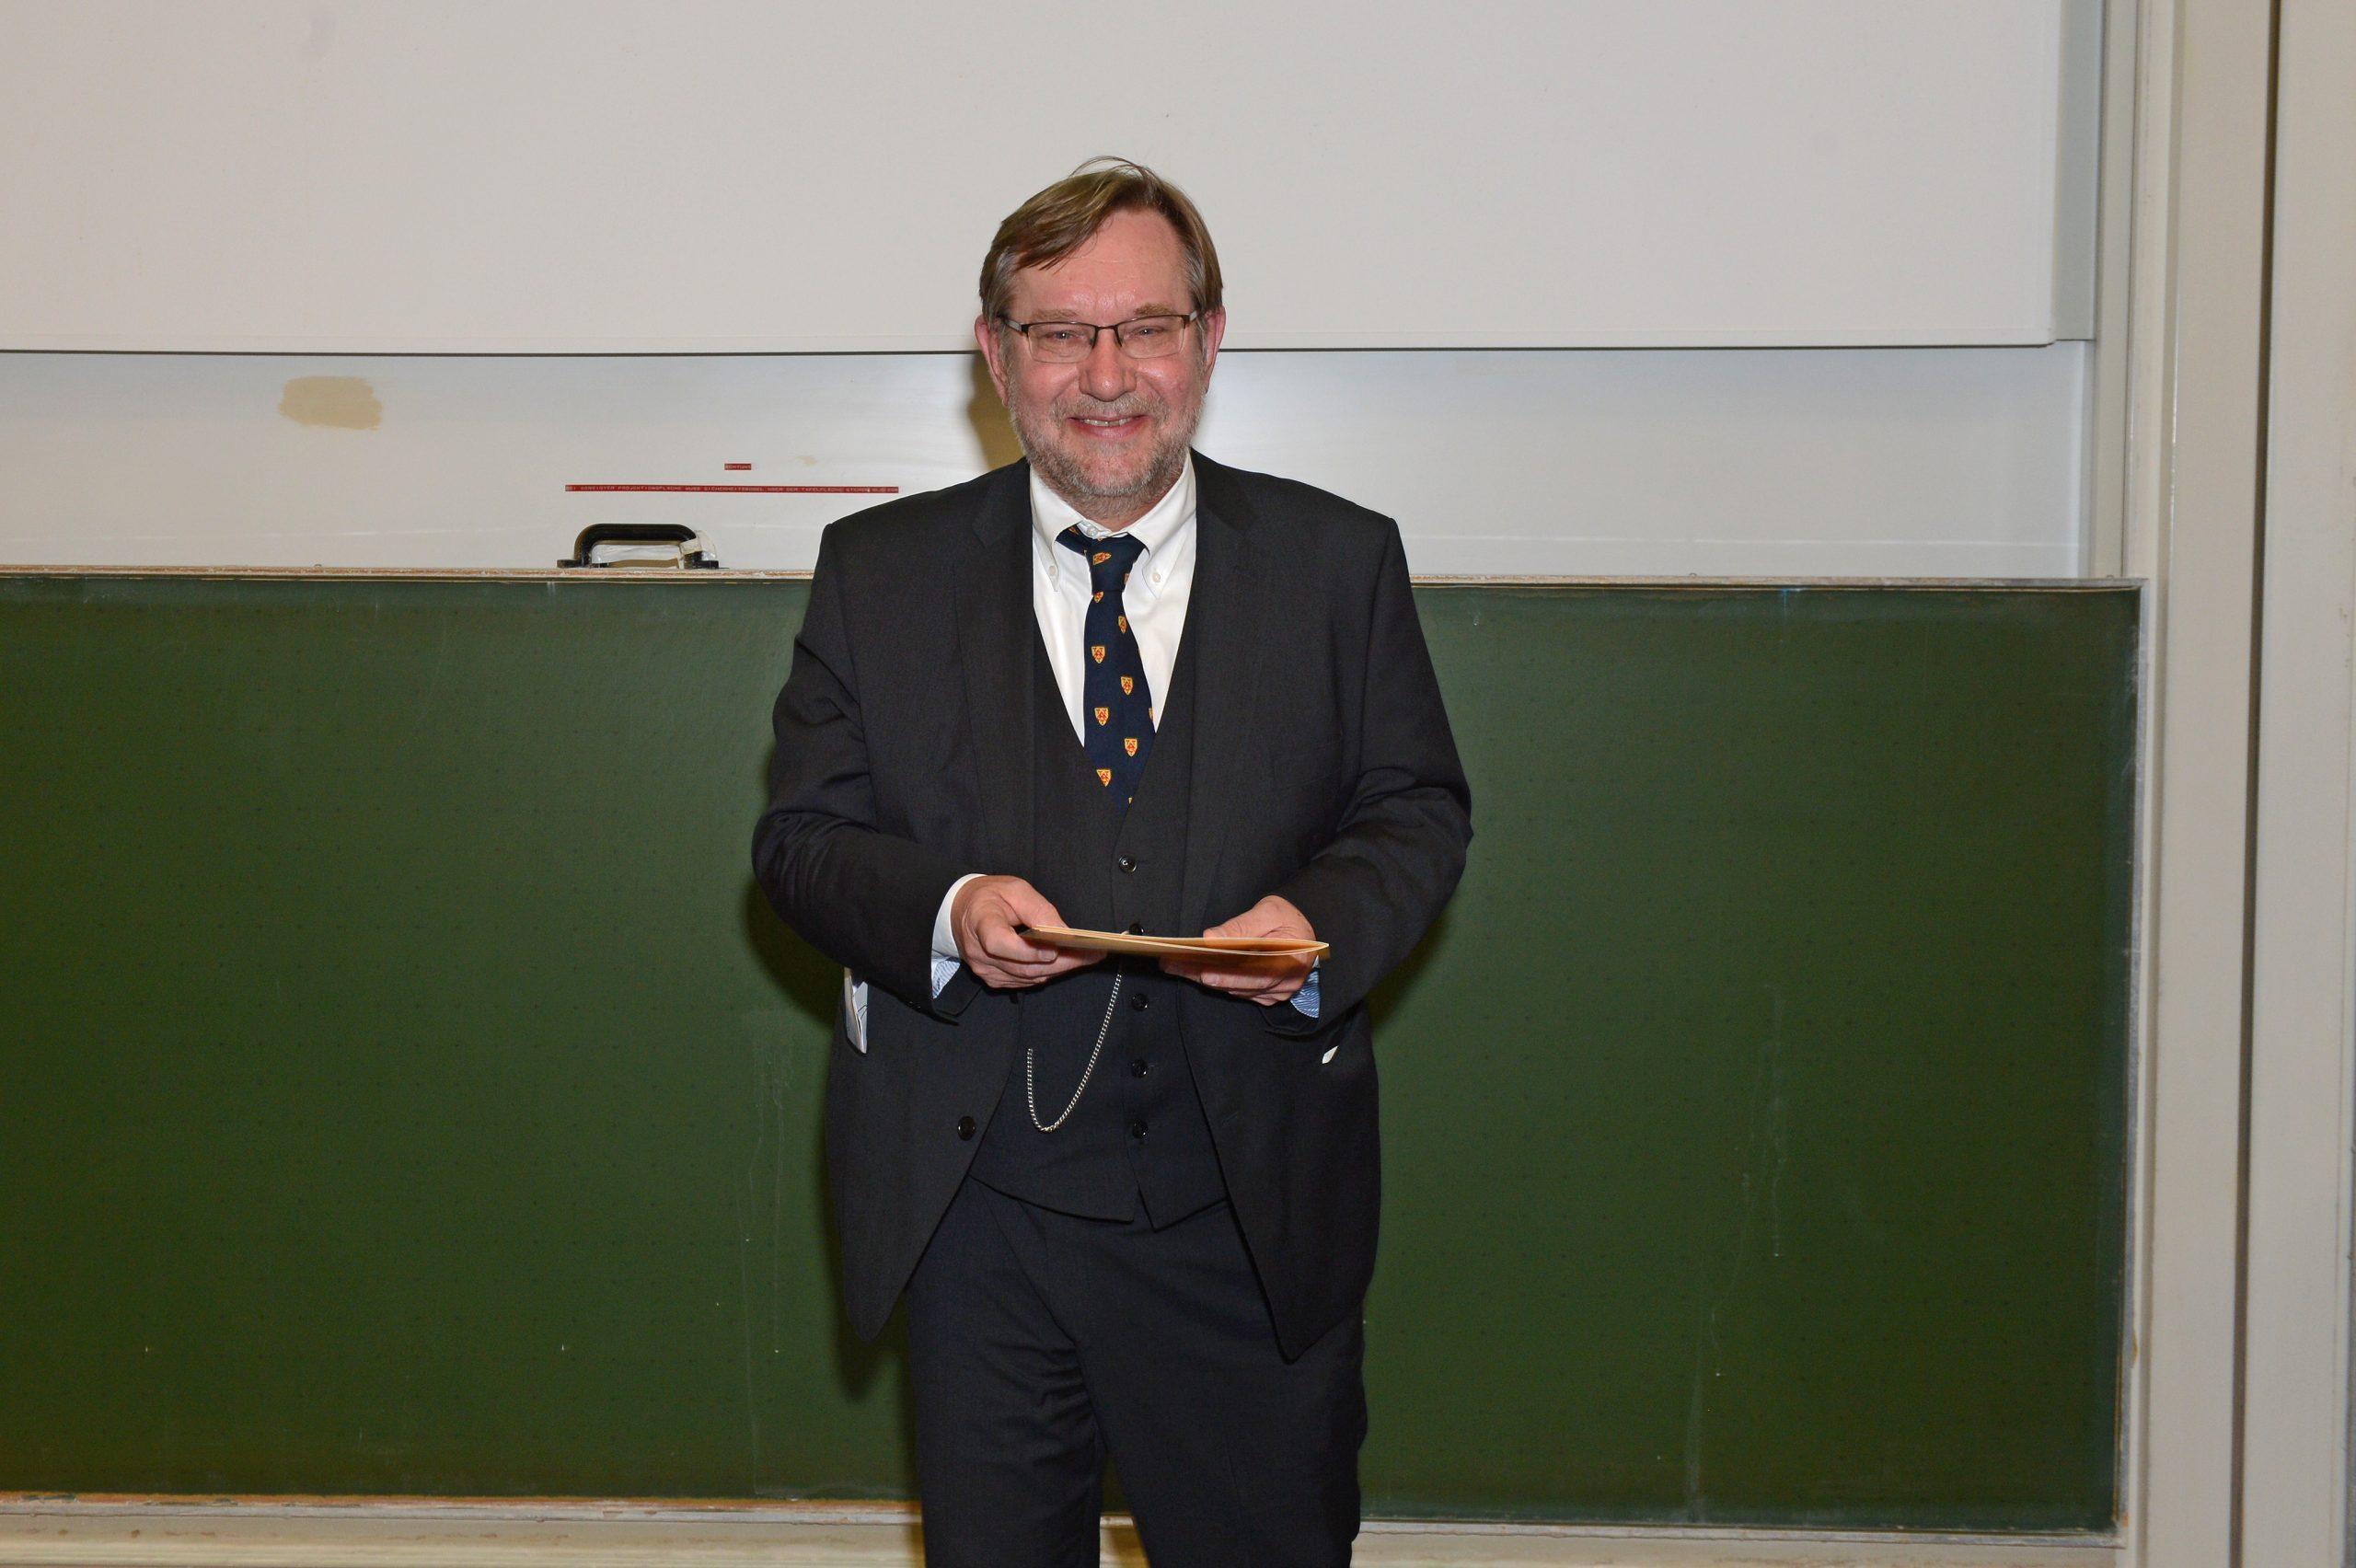 Ein Man in einem dreiteiligen Anzug mit gestreifter Krawatte vor einer Kreidetafel